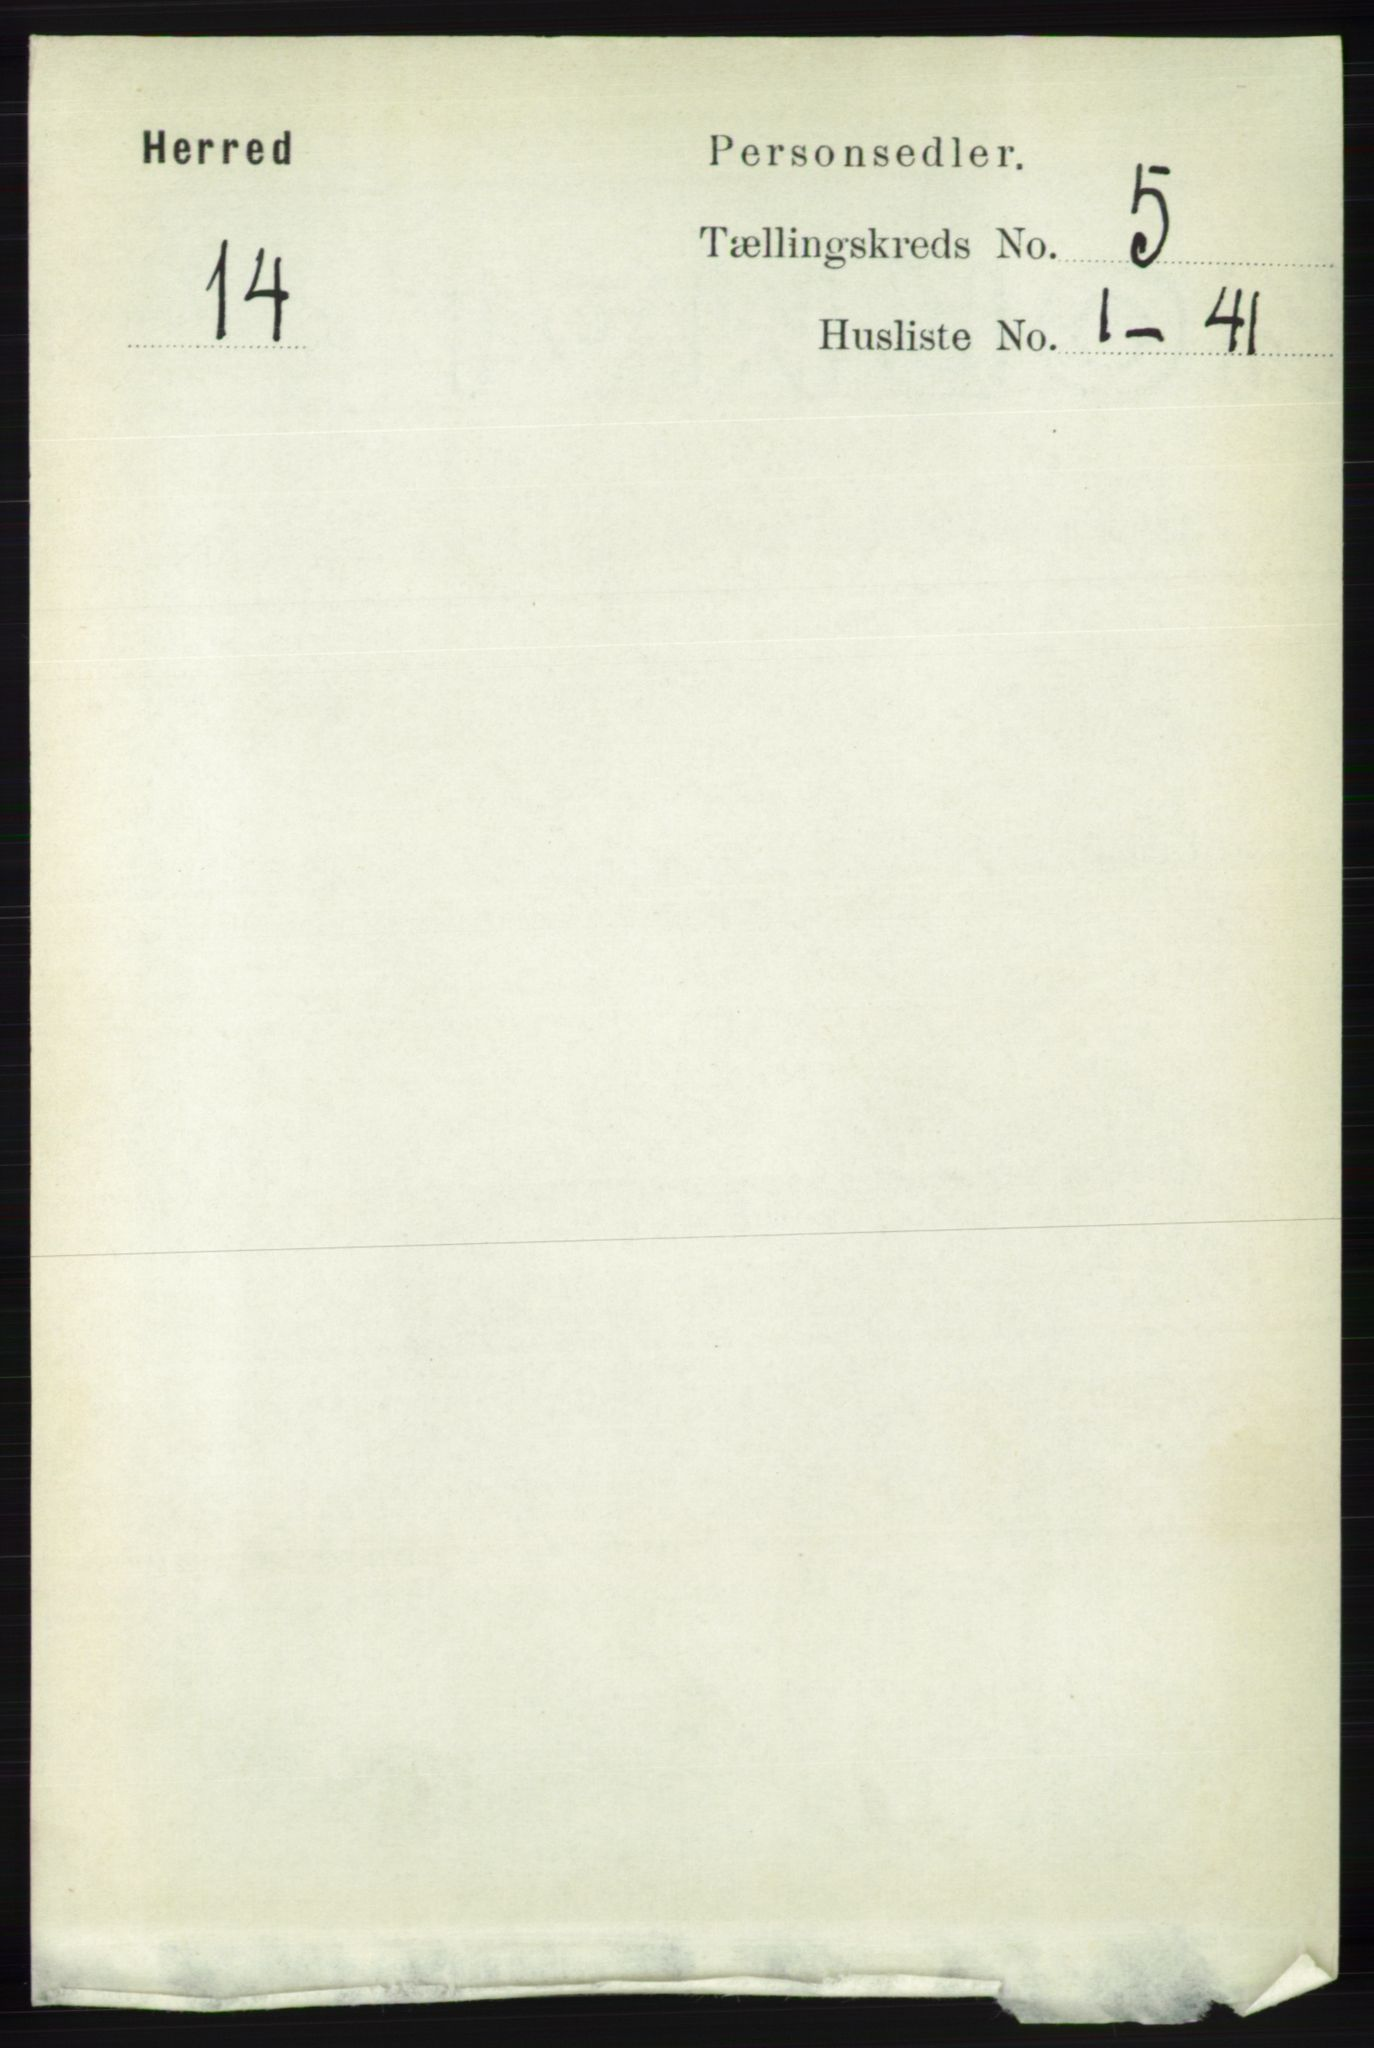 RA, Folketelling 1891 for 1039 Herad herred, 1891, s. 1809